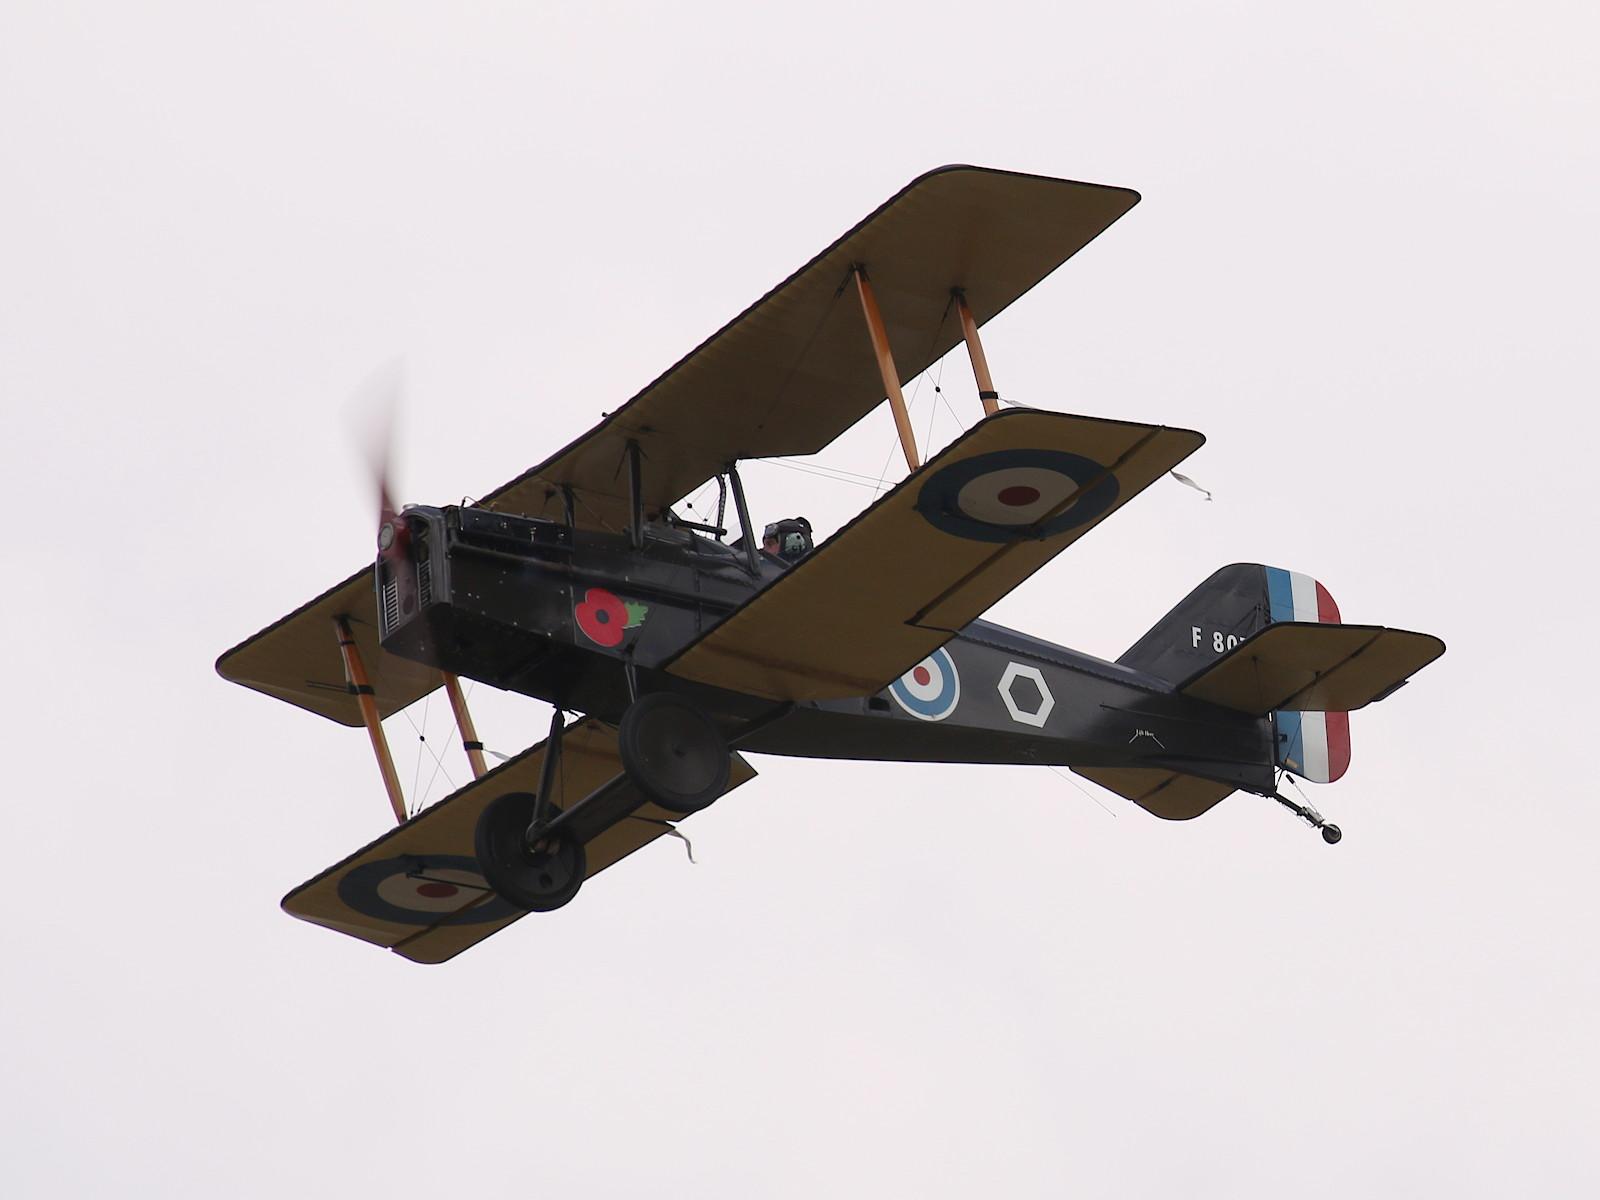 RIAT 2018 – 100 JAHRE RAF